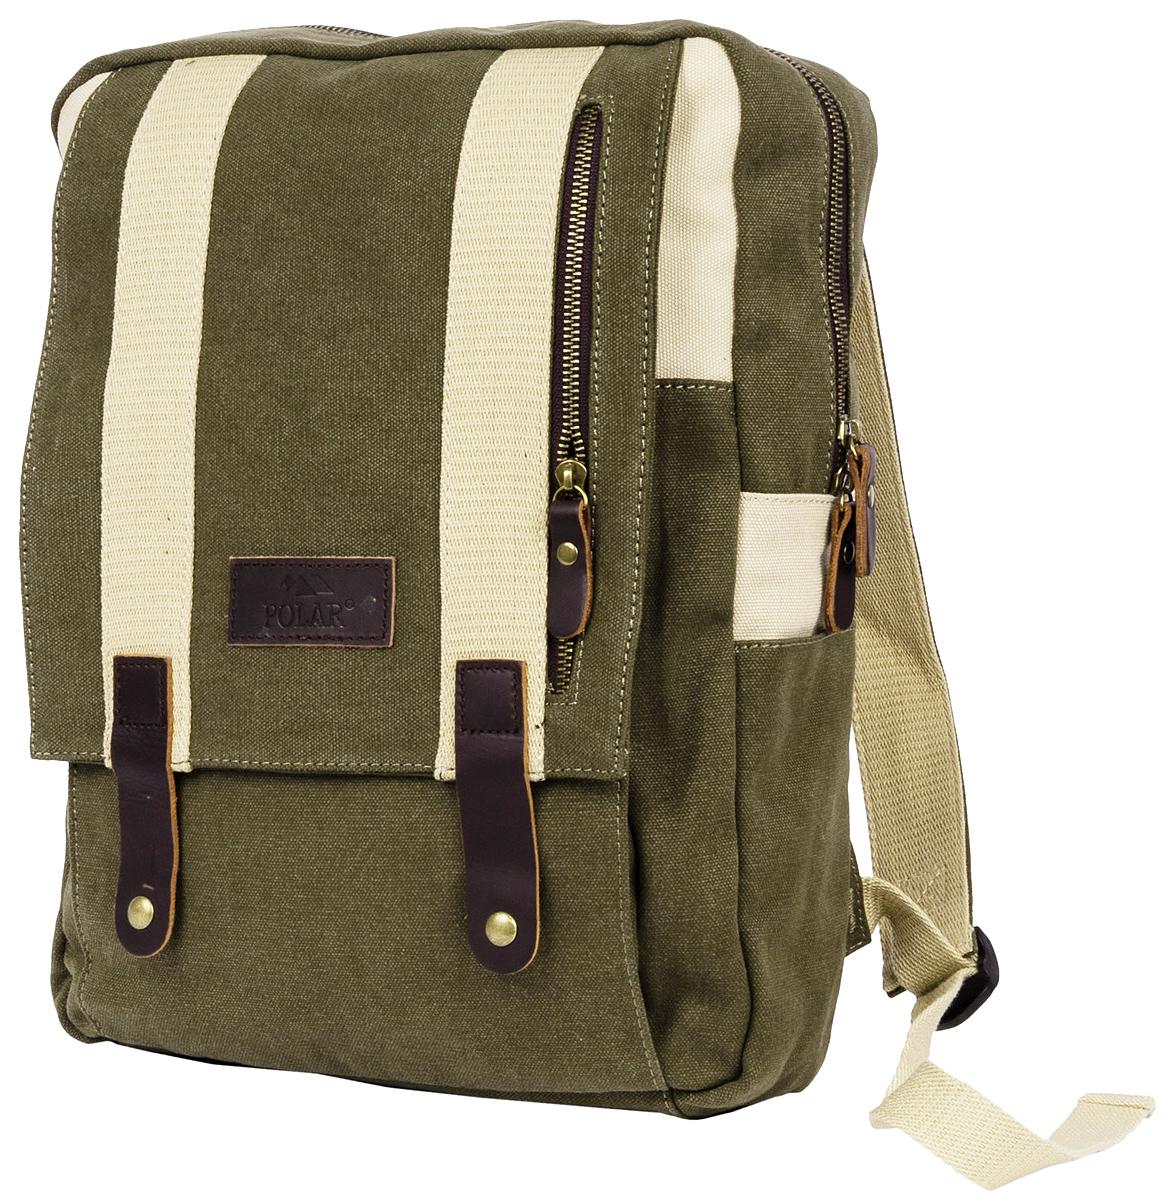 Рюкзак городской мужской Polar Adventure, цвет: оливковый, бежевый, 10 л. п2016-09 green